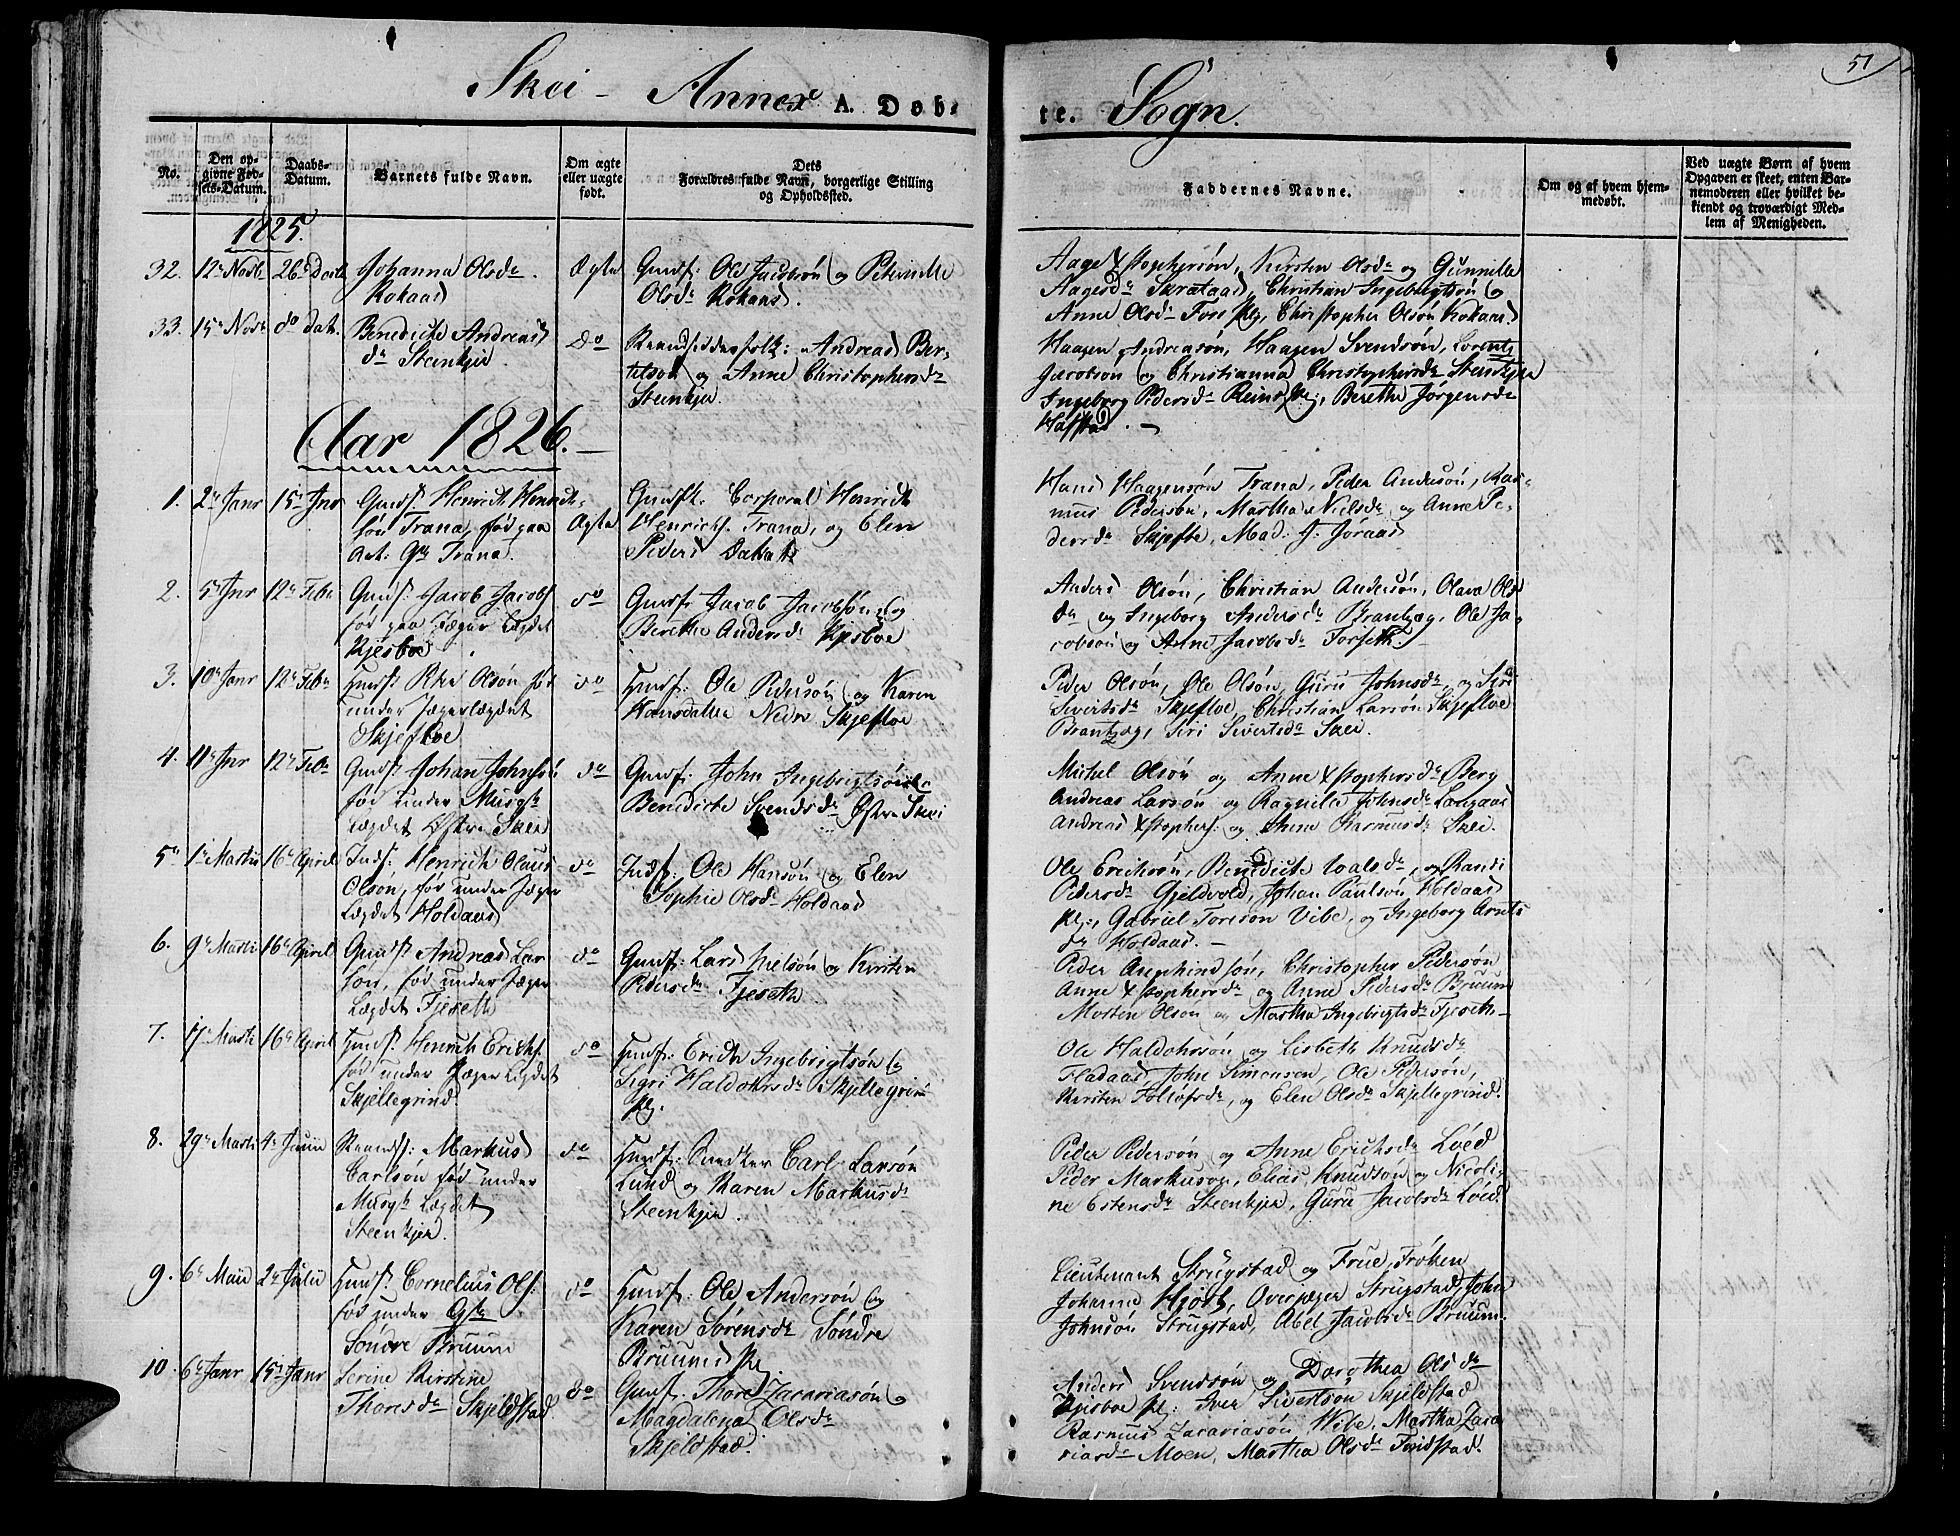 SAT, Ministerialprotokoller, klokkerbøker og fødselsregistre - Nord-Trøndelag, 735/L0336: Ministerialbok nr. 735A05 /2, 1825-1835, s. 51